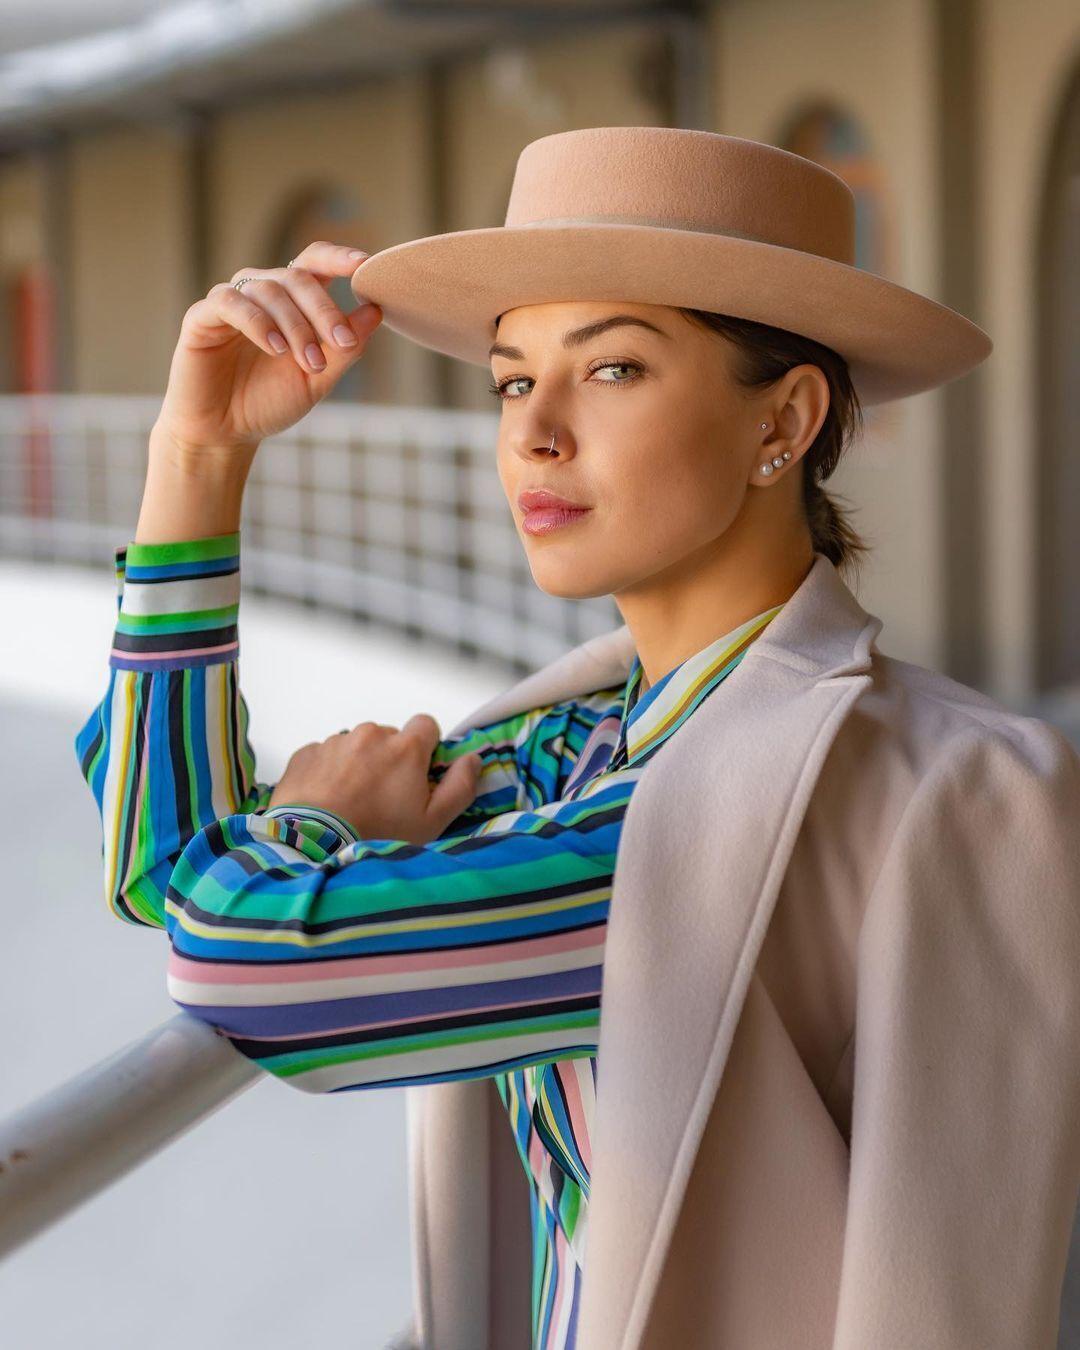 Анастасия Топольская позирует в стильном образе